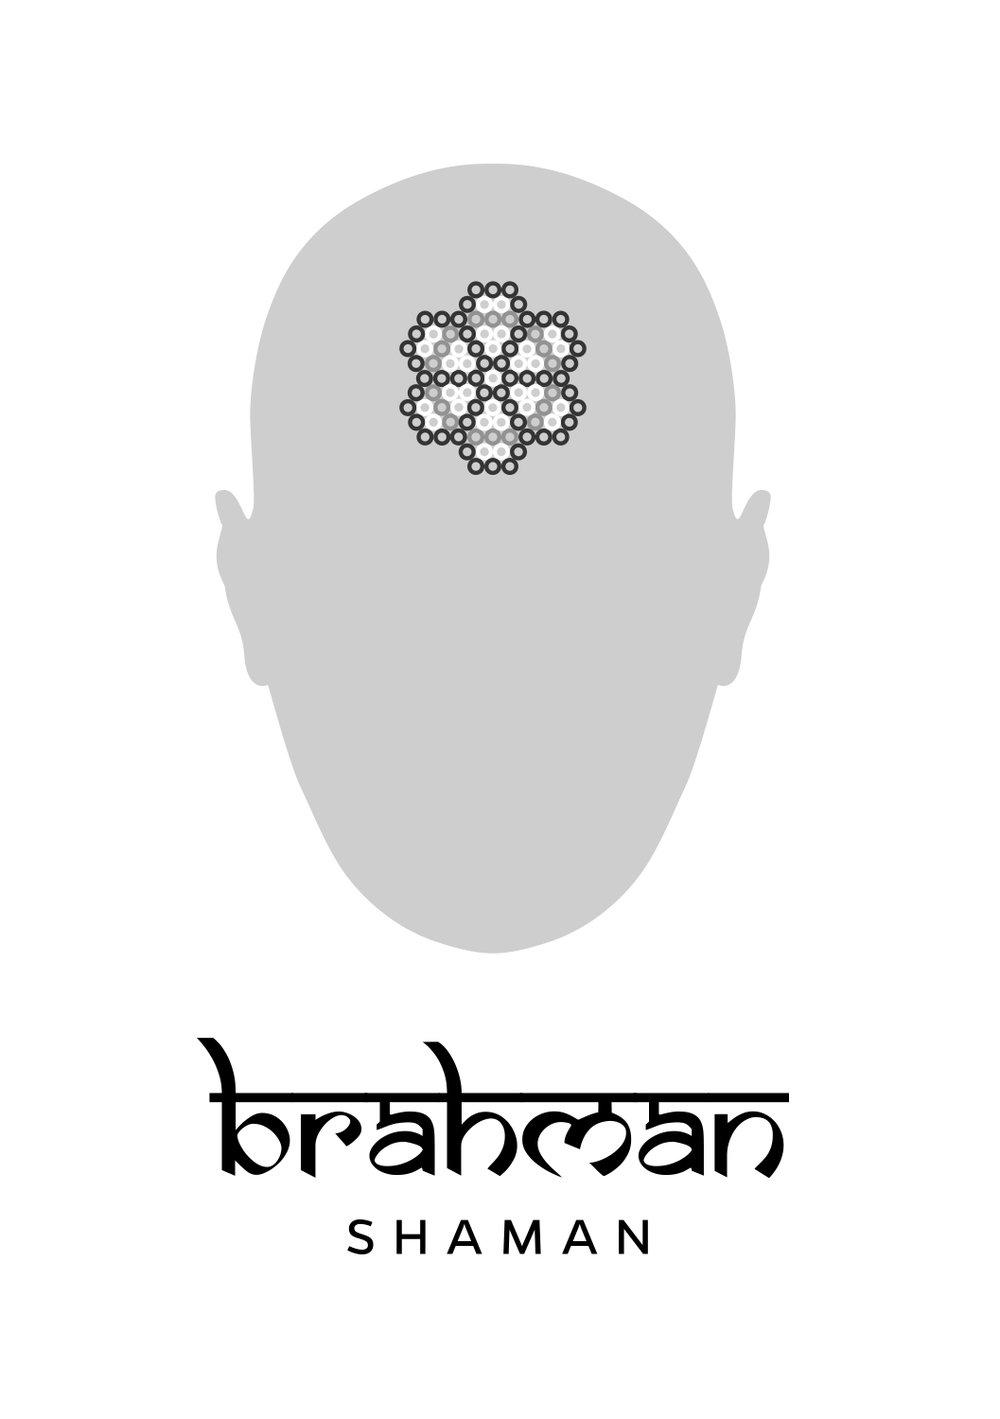 brahman_shaman_wht.jpg